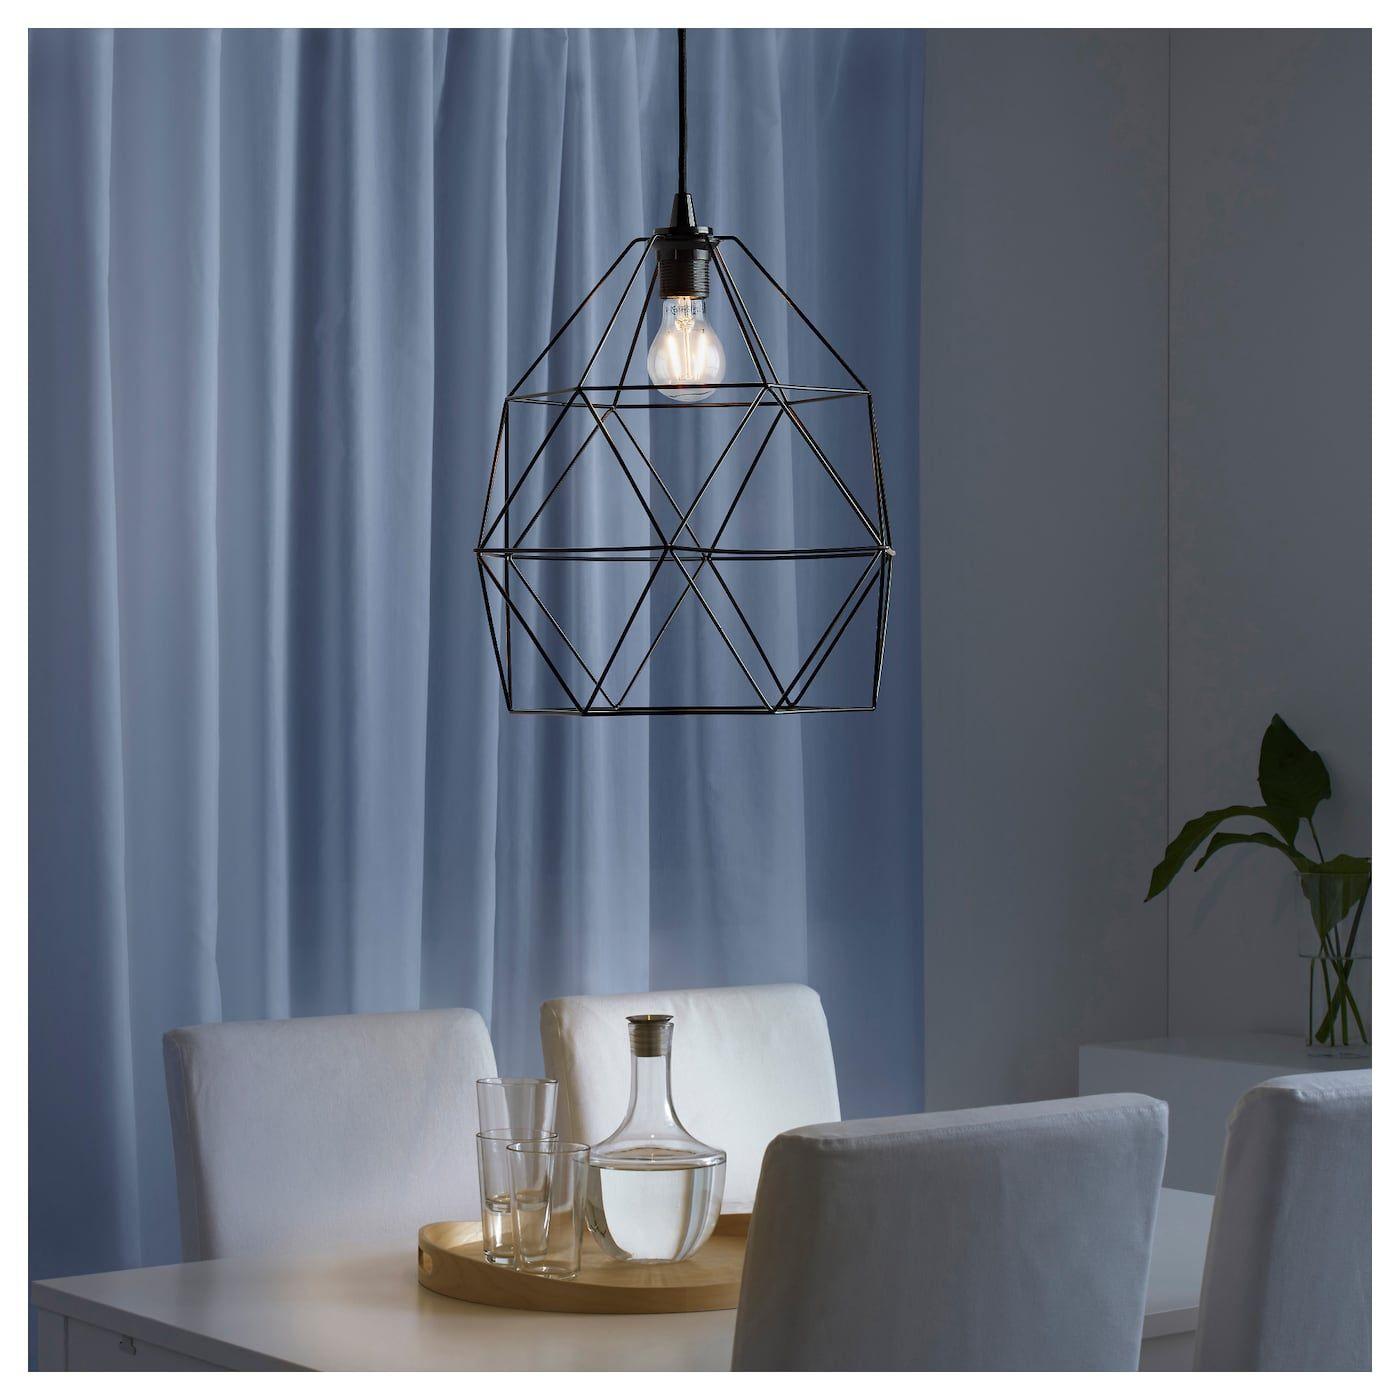 IKEA BRUNSTA / HEMMA Black Pendant lamp Small lamp